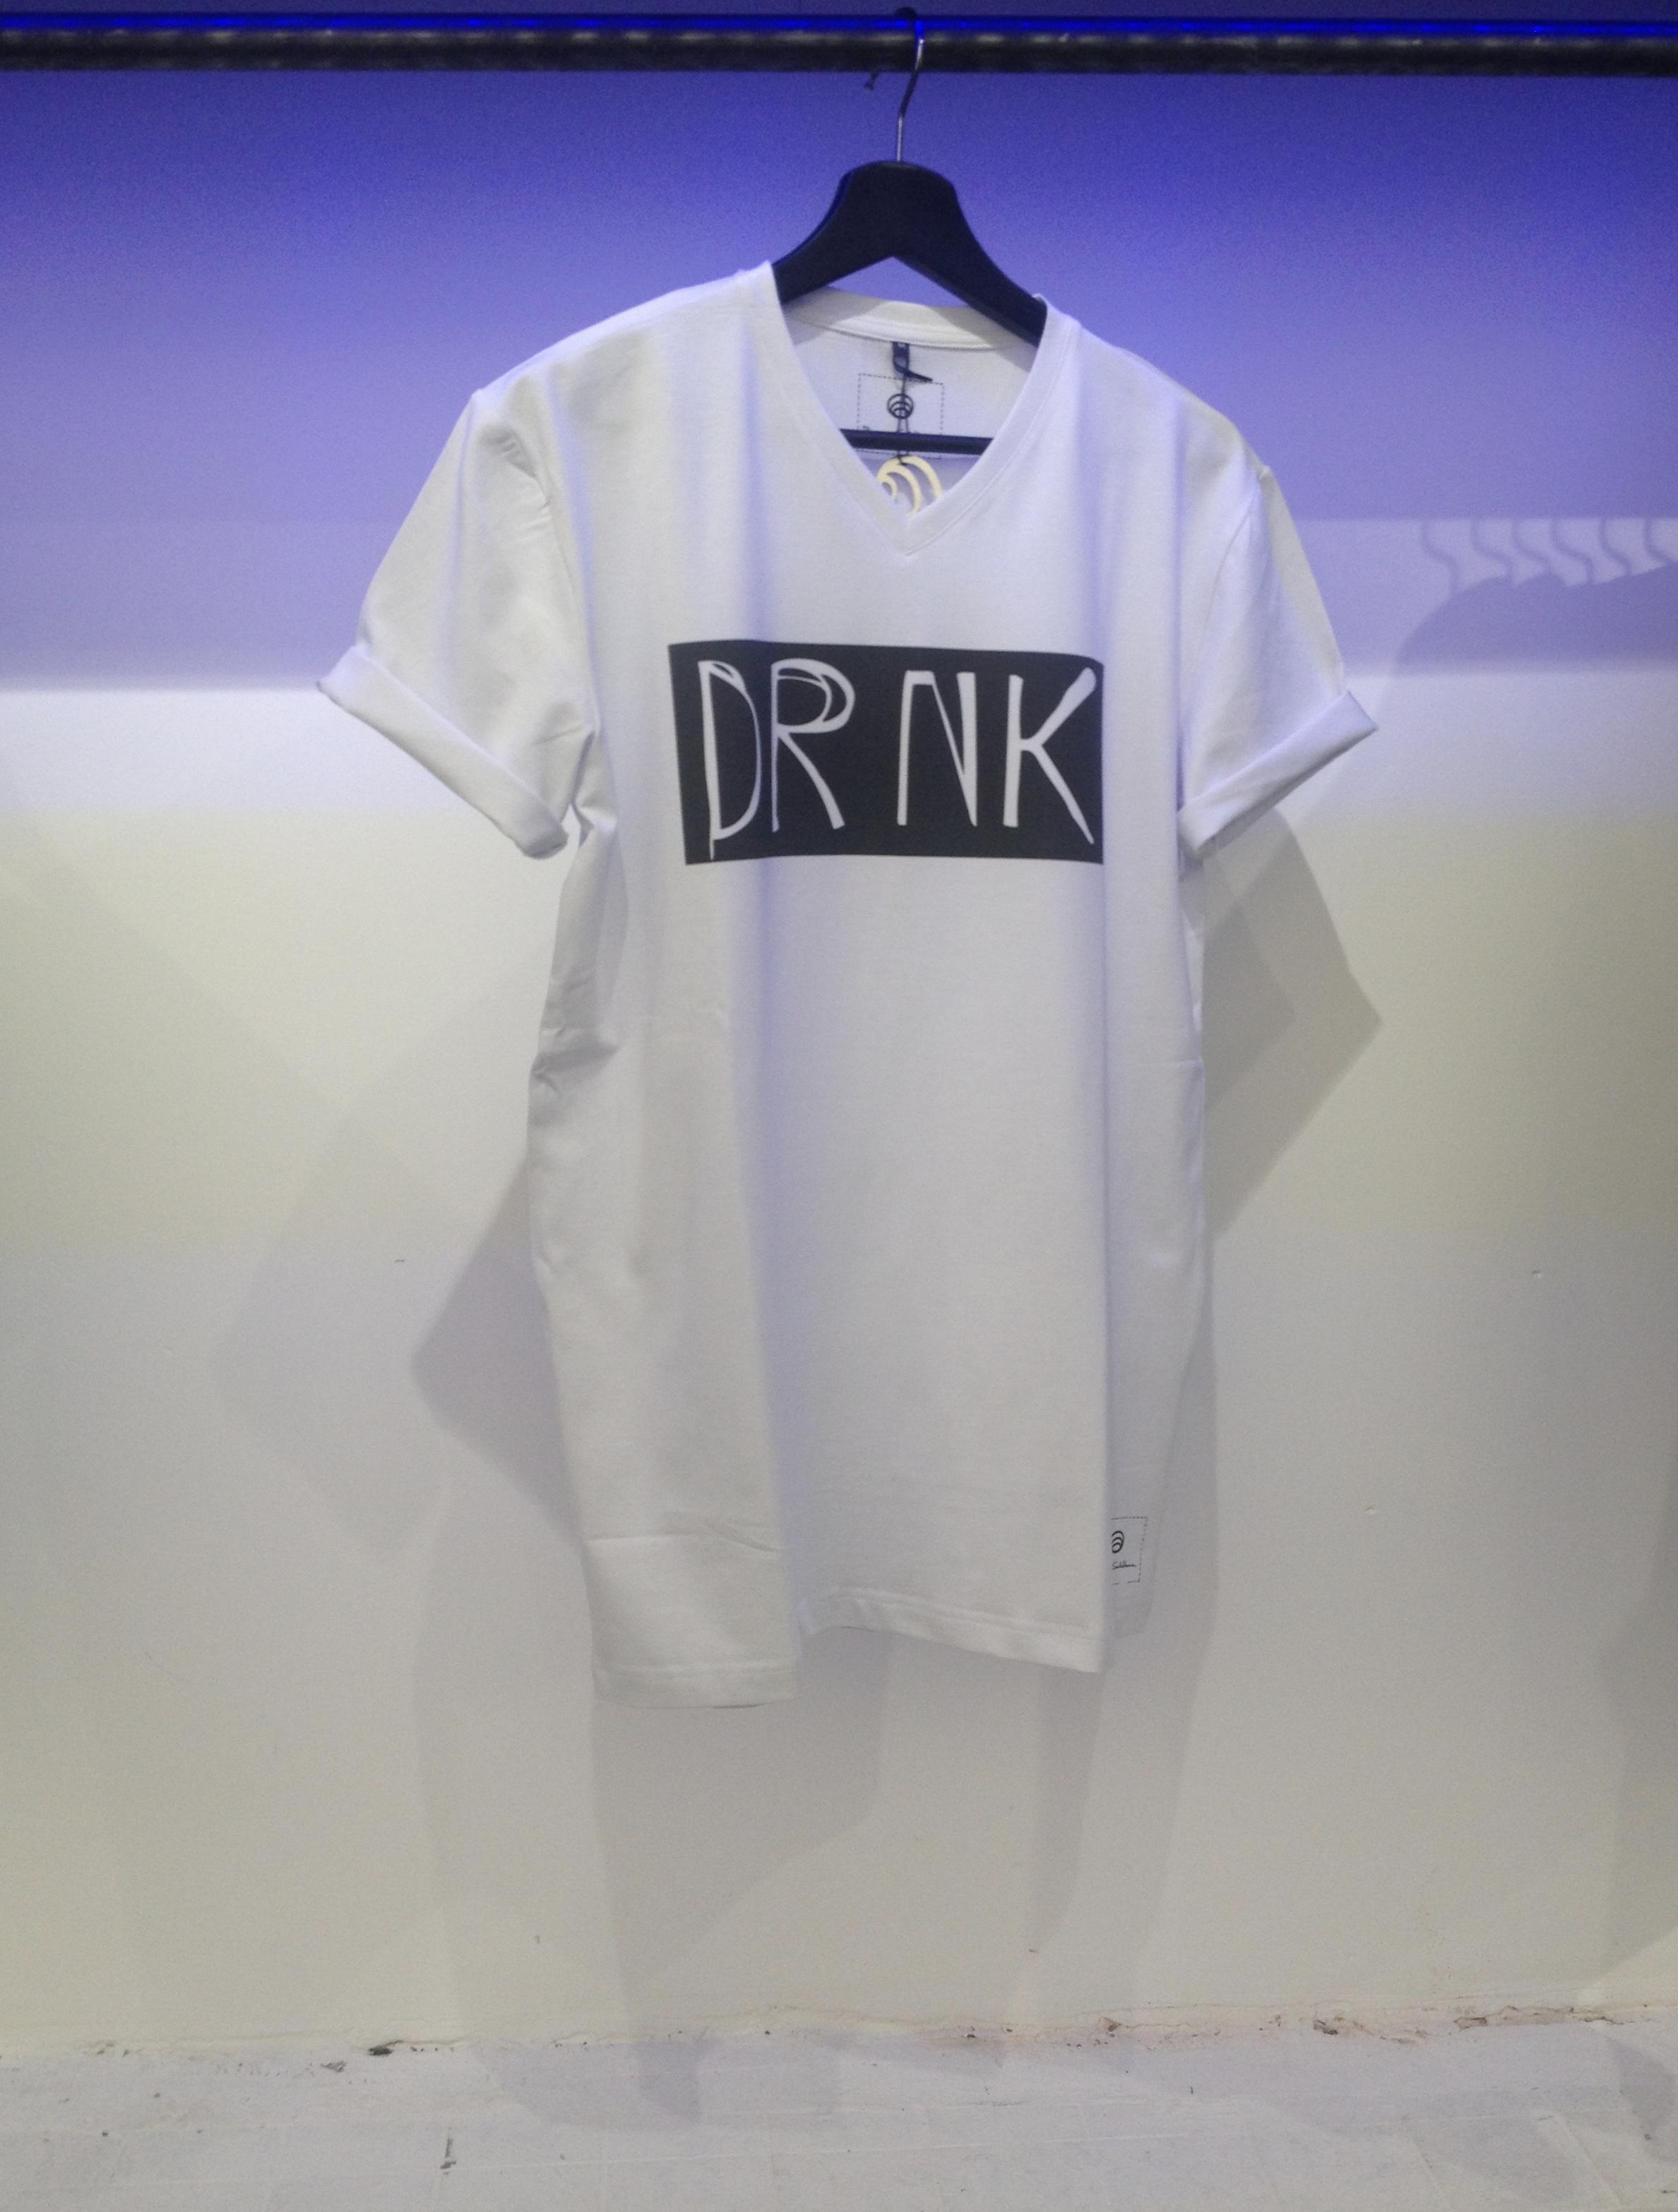 DRNK Black-White